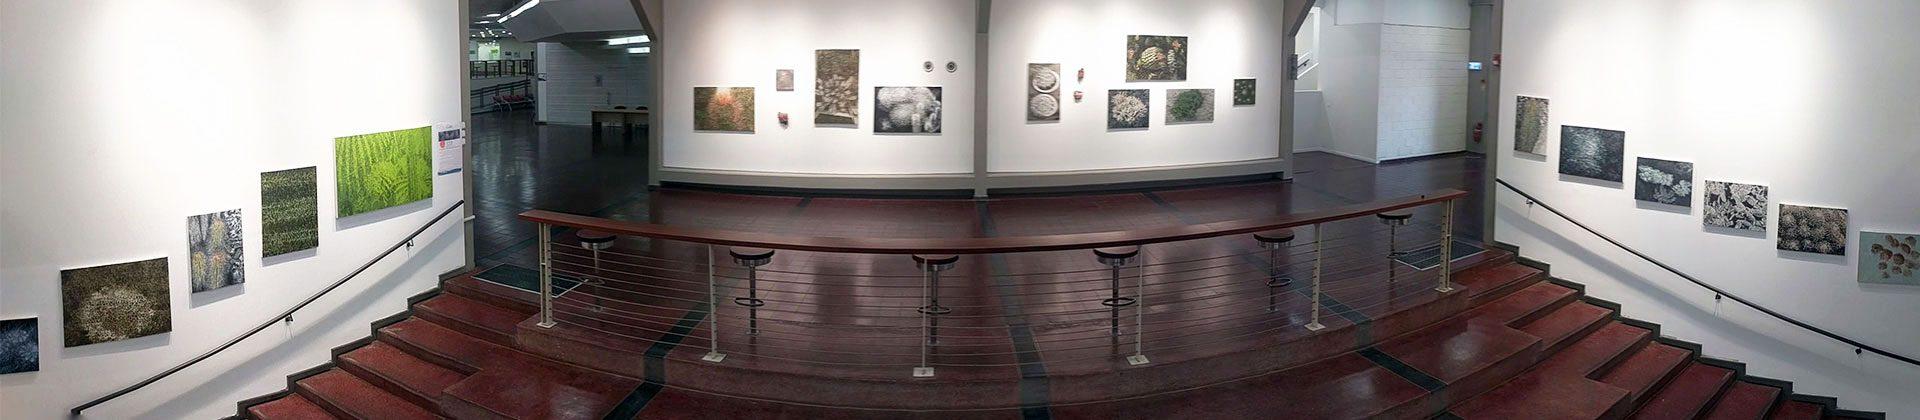 סדרת תערוכות ושיח גלריה לשנת תש